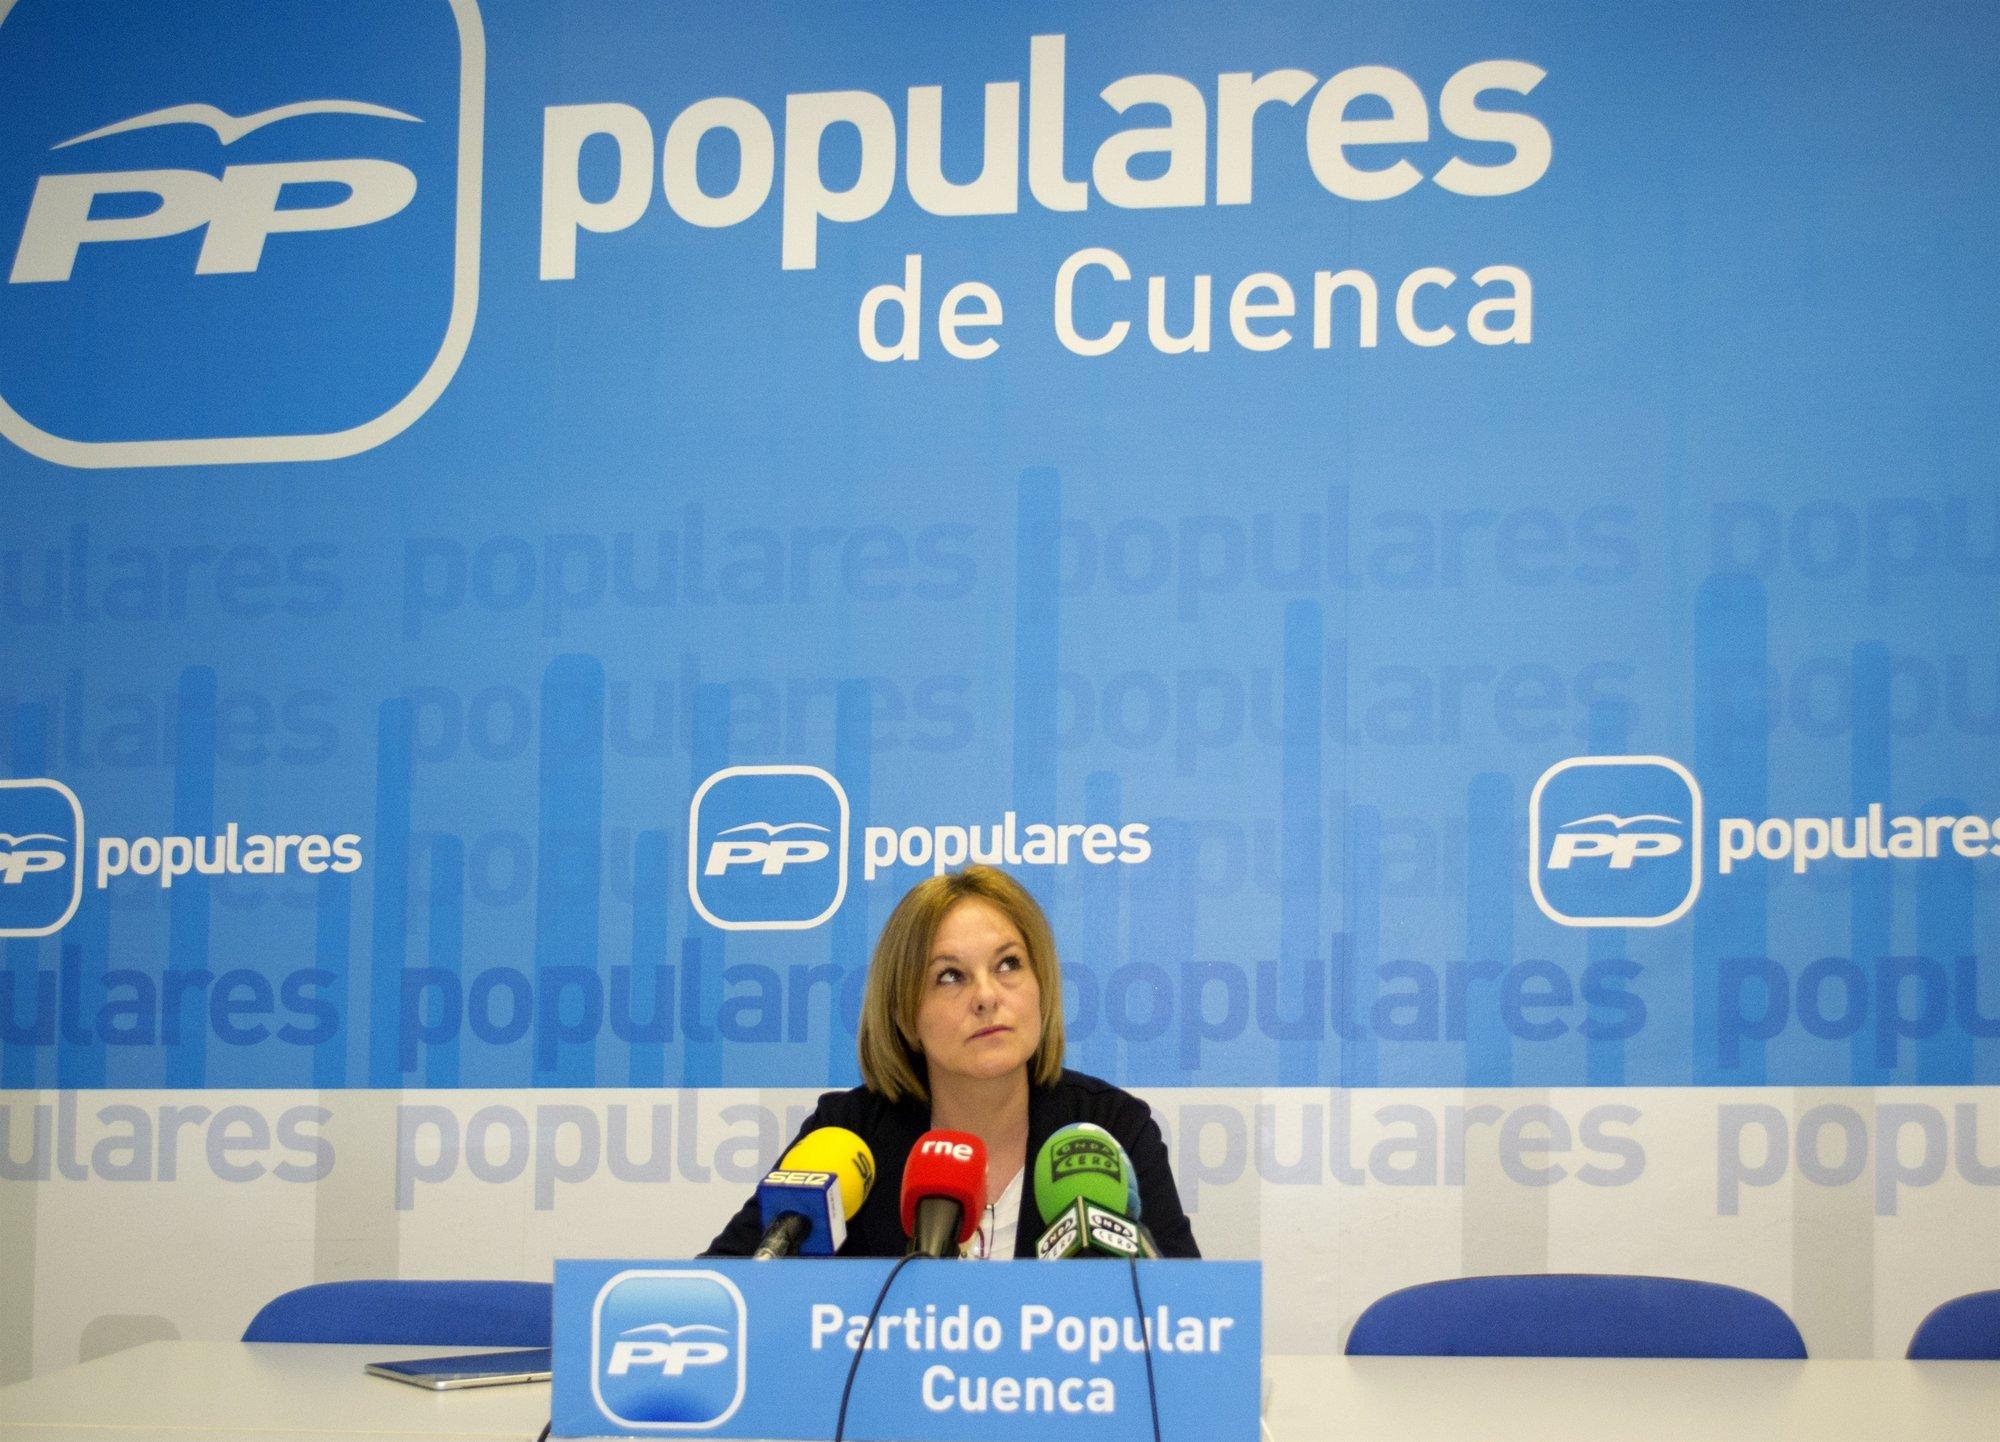 María Ángeles García no aspirará a revalidar su cargo como presidenta del Partido Popular de Cuenca